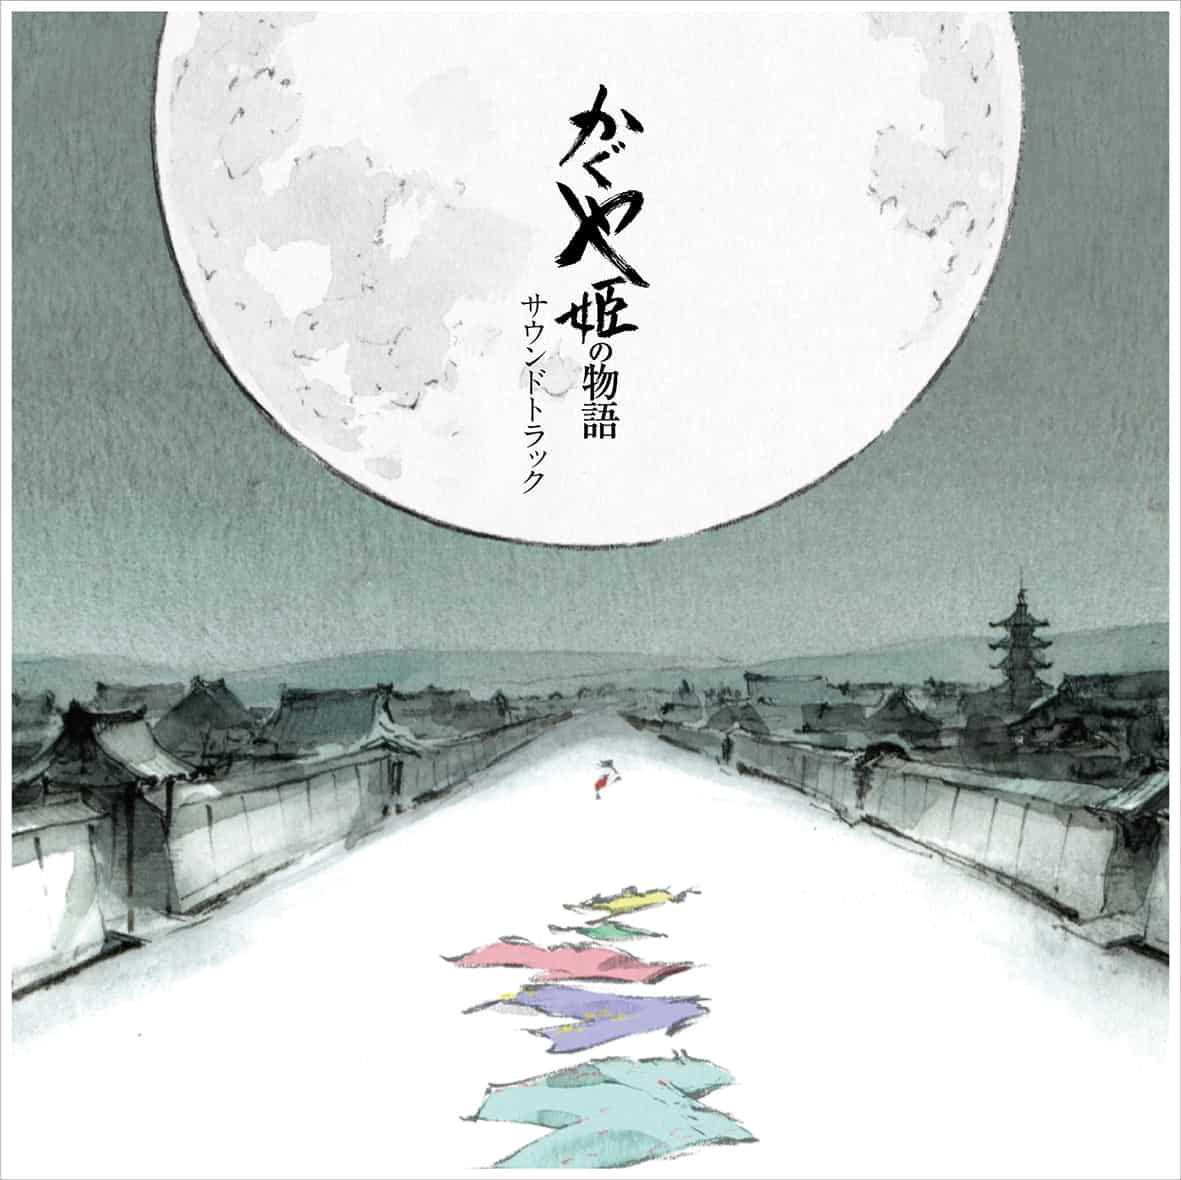 久石 譲 – かぐや姫の物語 サウンドトラック